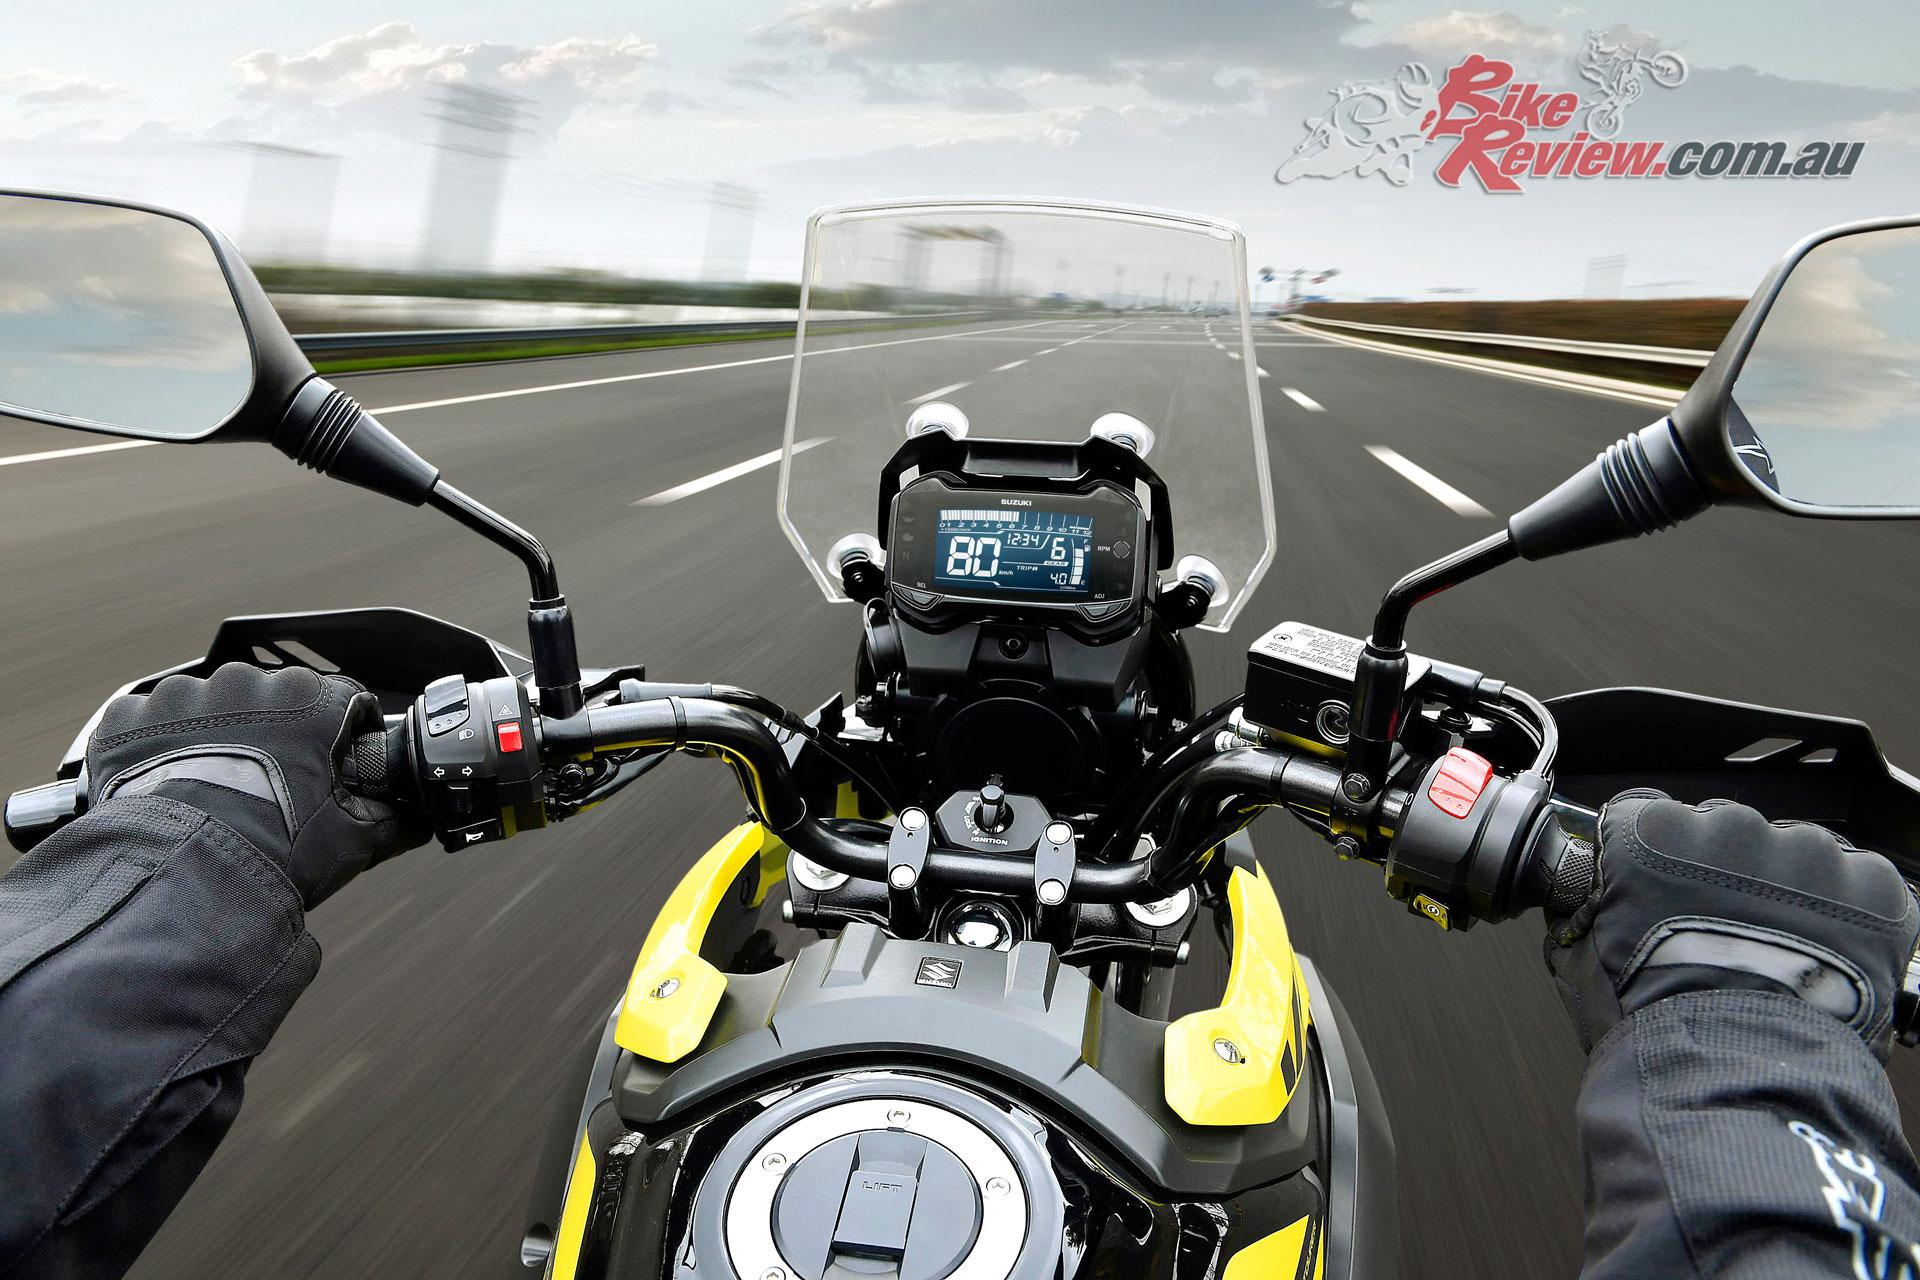 New Model 2019 Suzuki V Strom 250 Bike Review